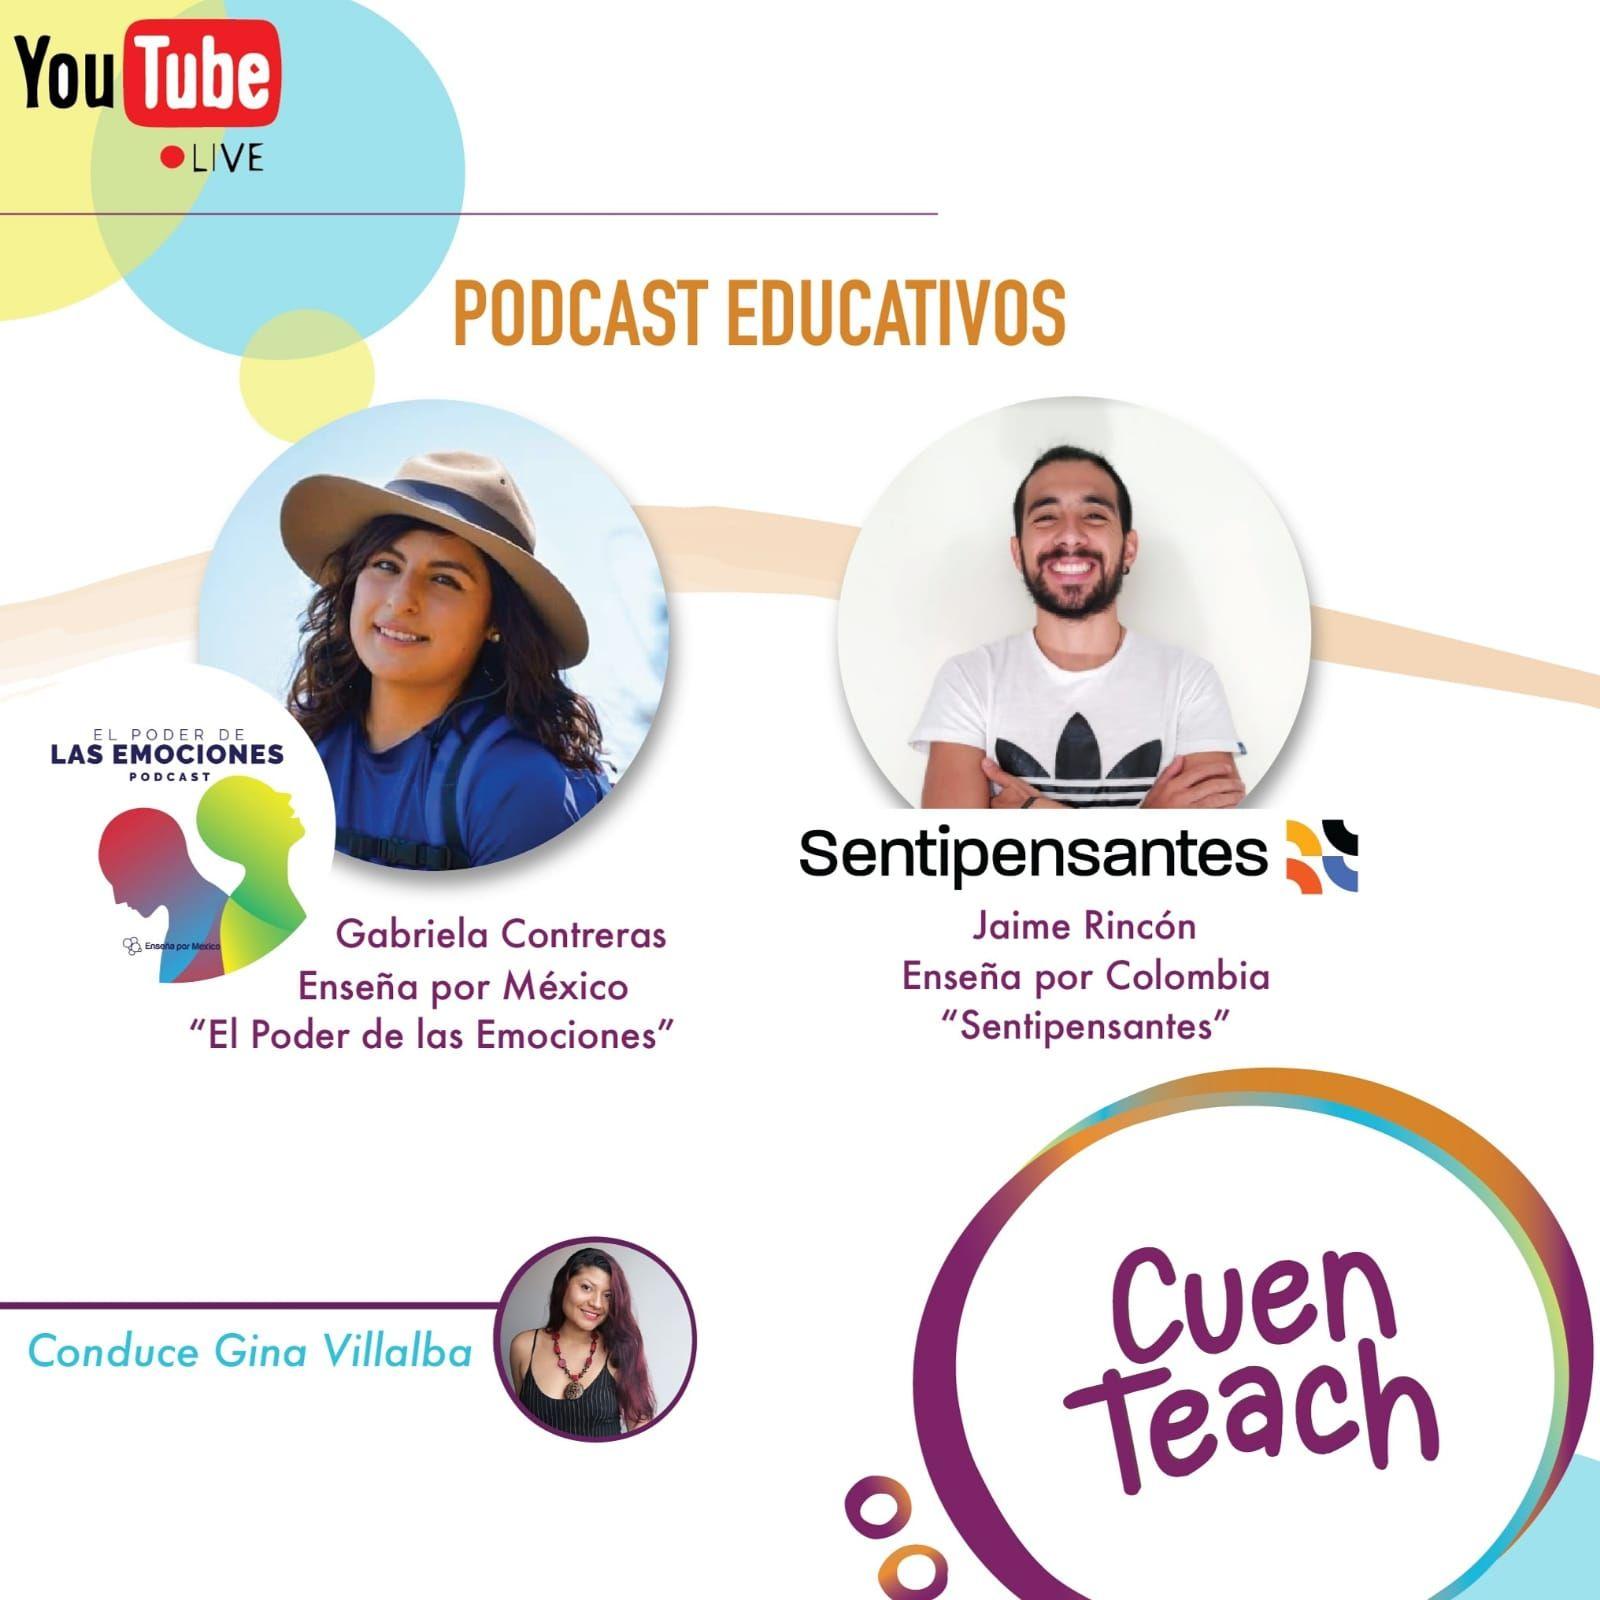 Entrevista a Podcast Educativos - Sentipensantes y El poder de las emociones